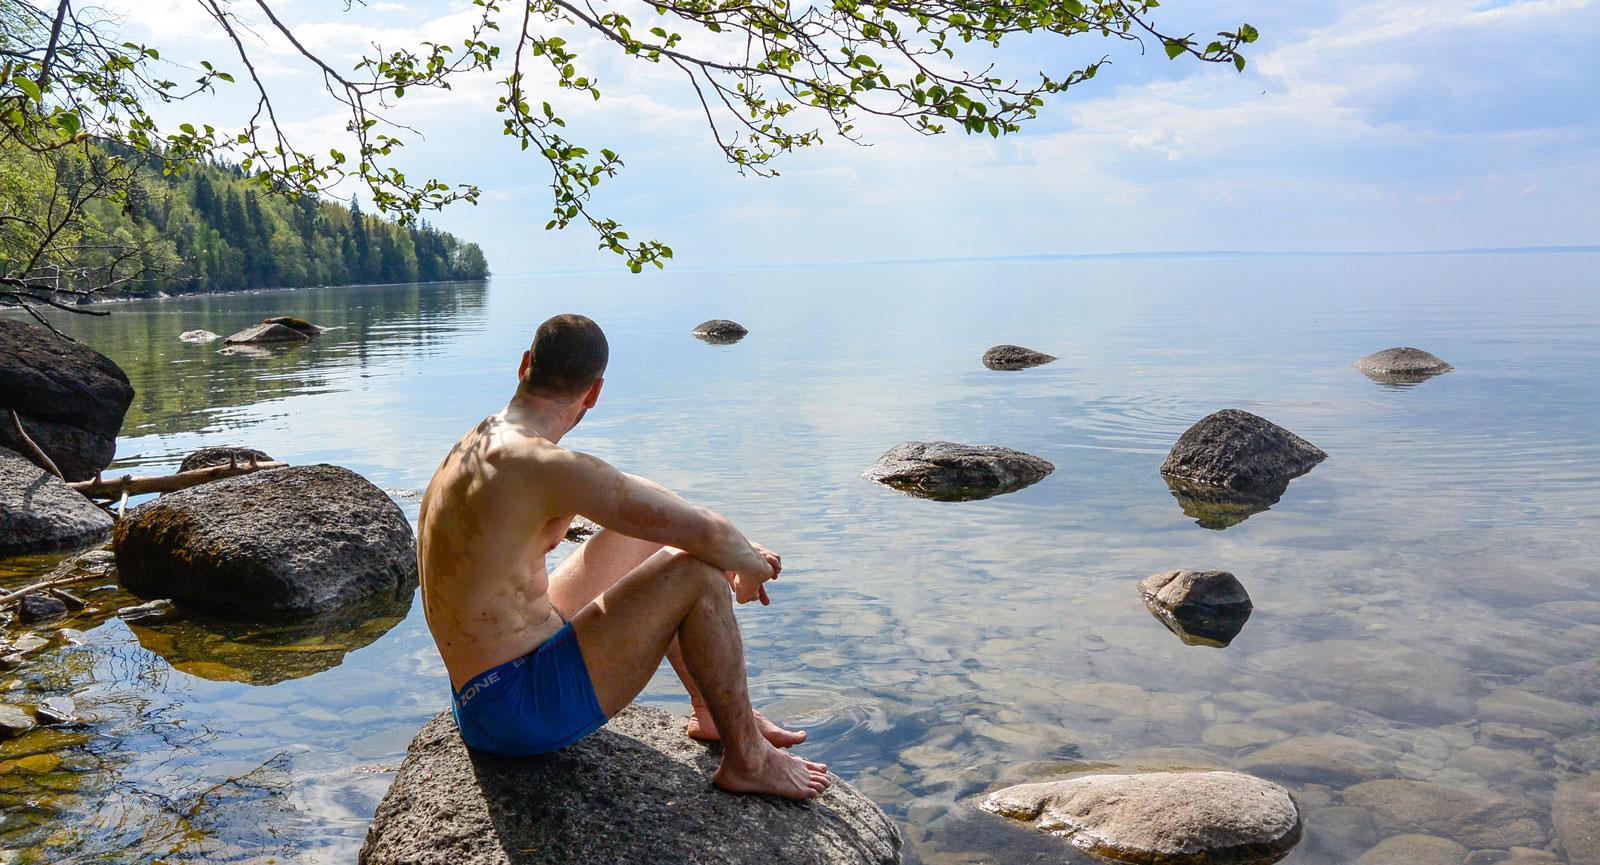 Vindstilla och lagom svalt i skuggan. Johan Steen njuter av livet ute på tur.